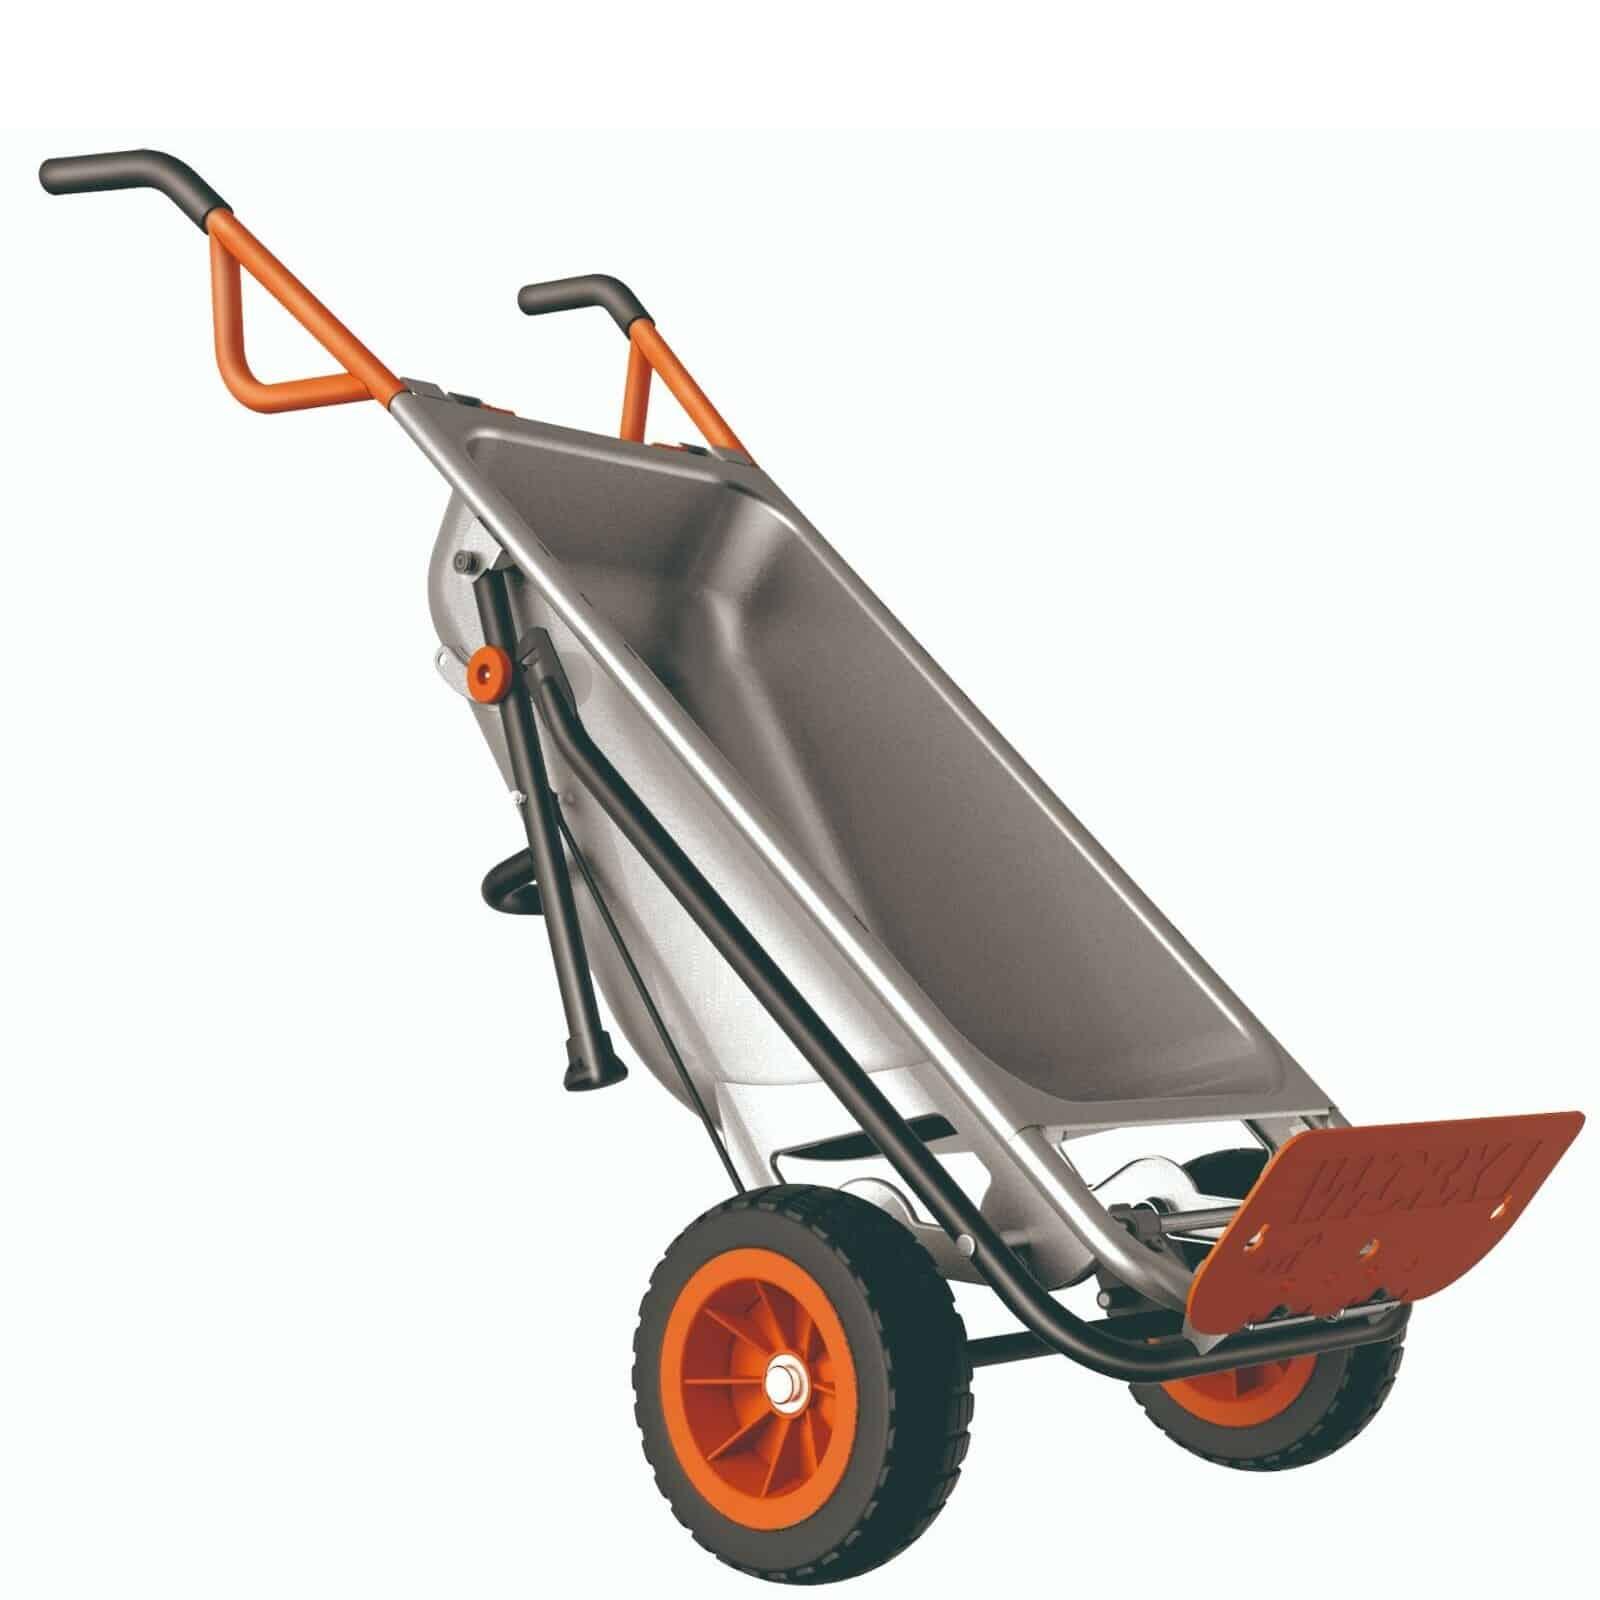 Aerocart 8 in 1 Wheelbarrow hand trolley